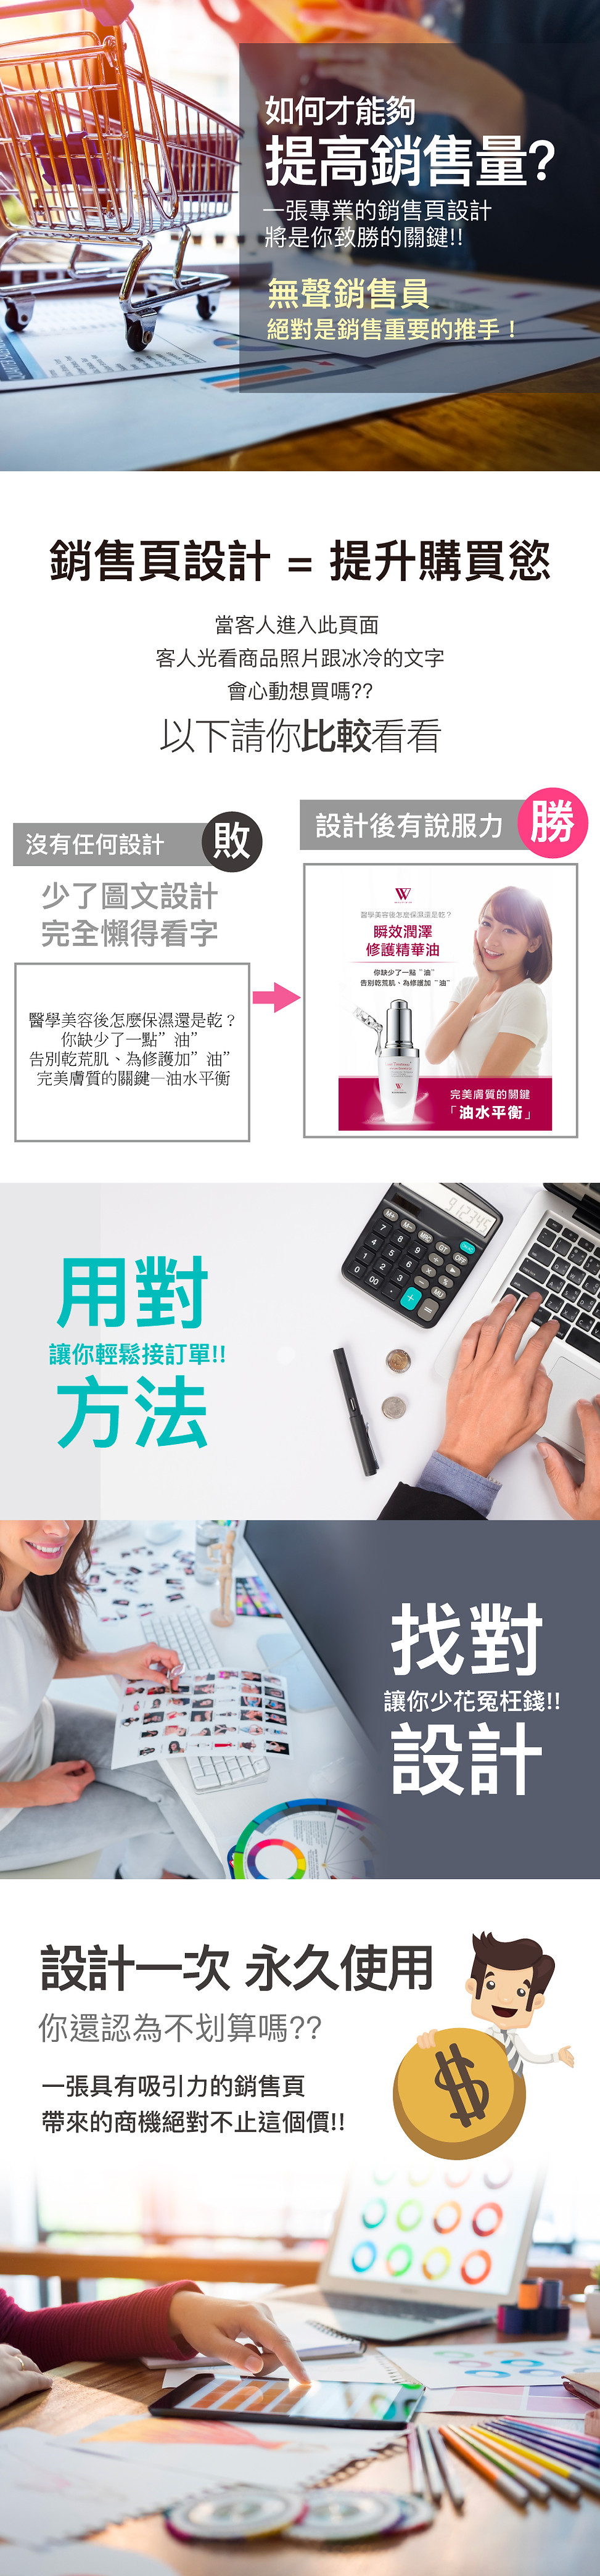 銷售頁介紹_01.jpg